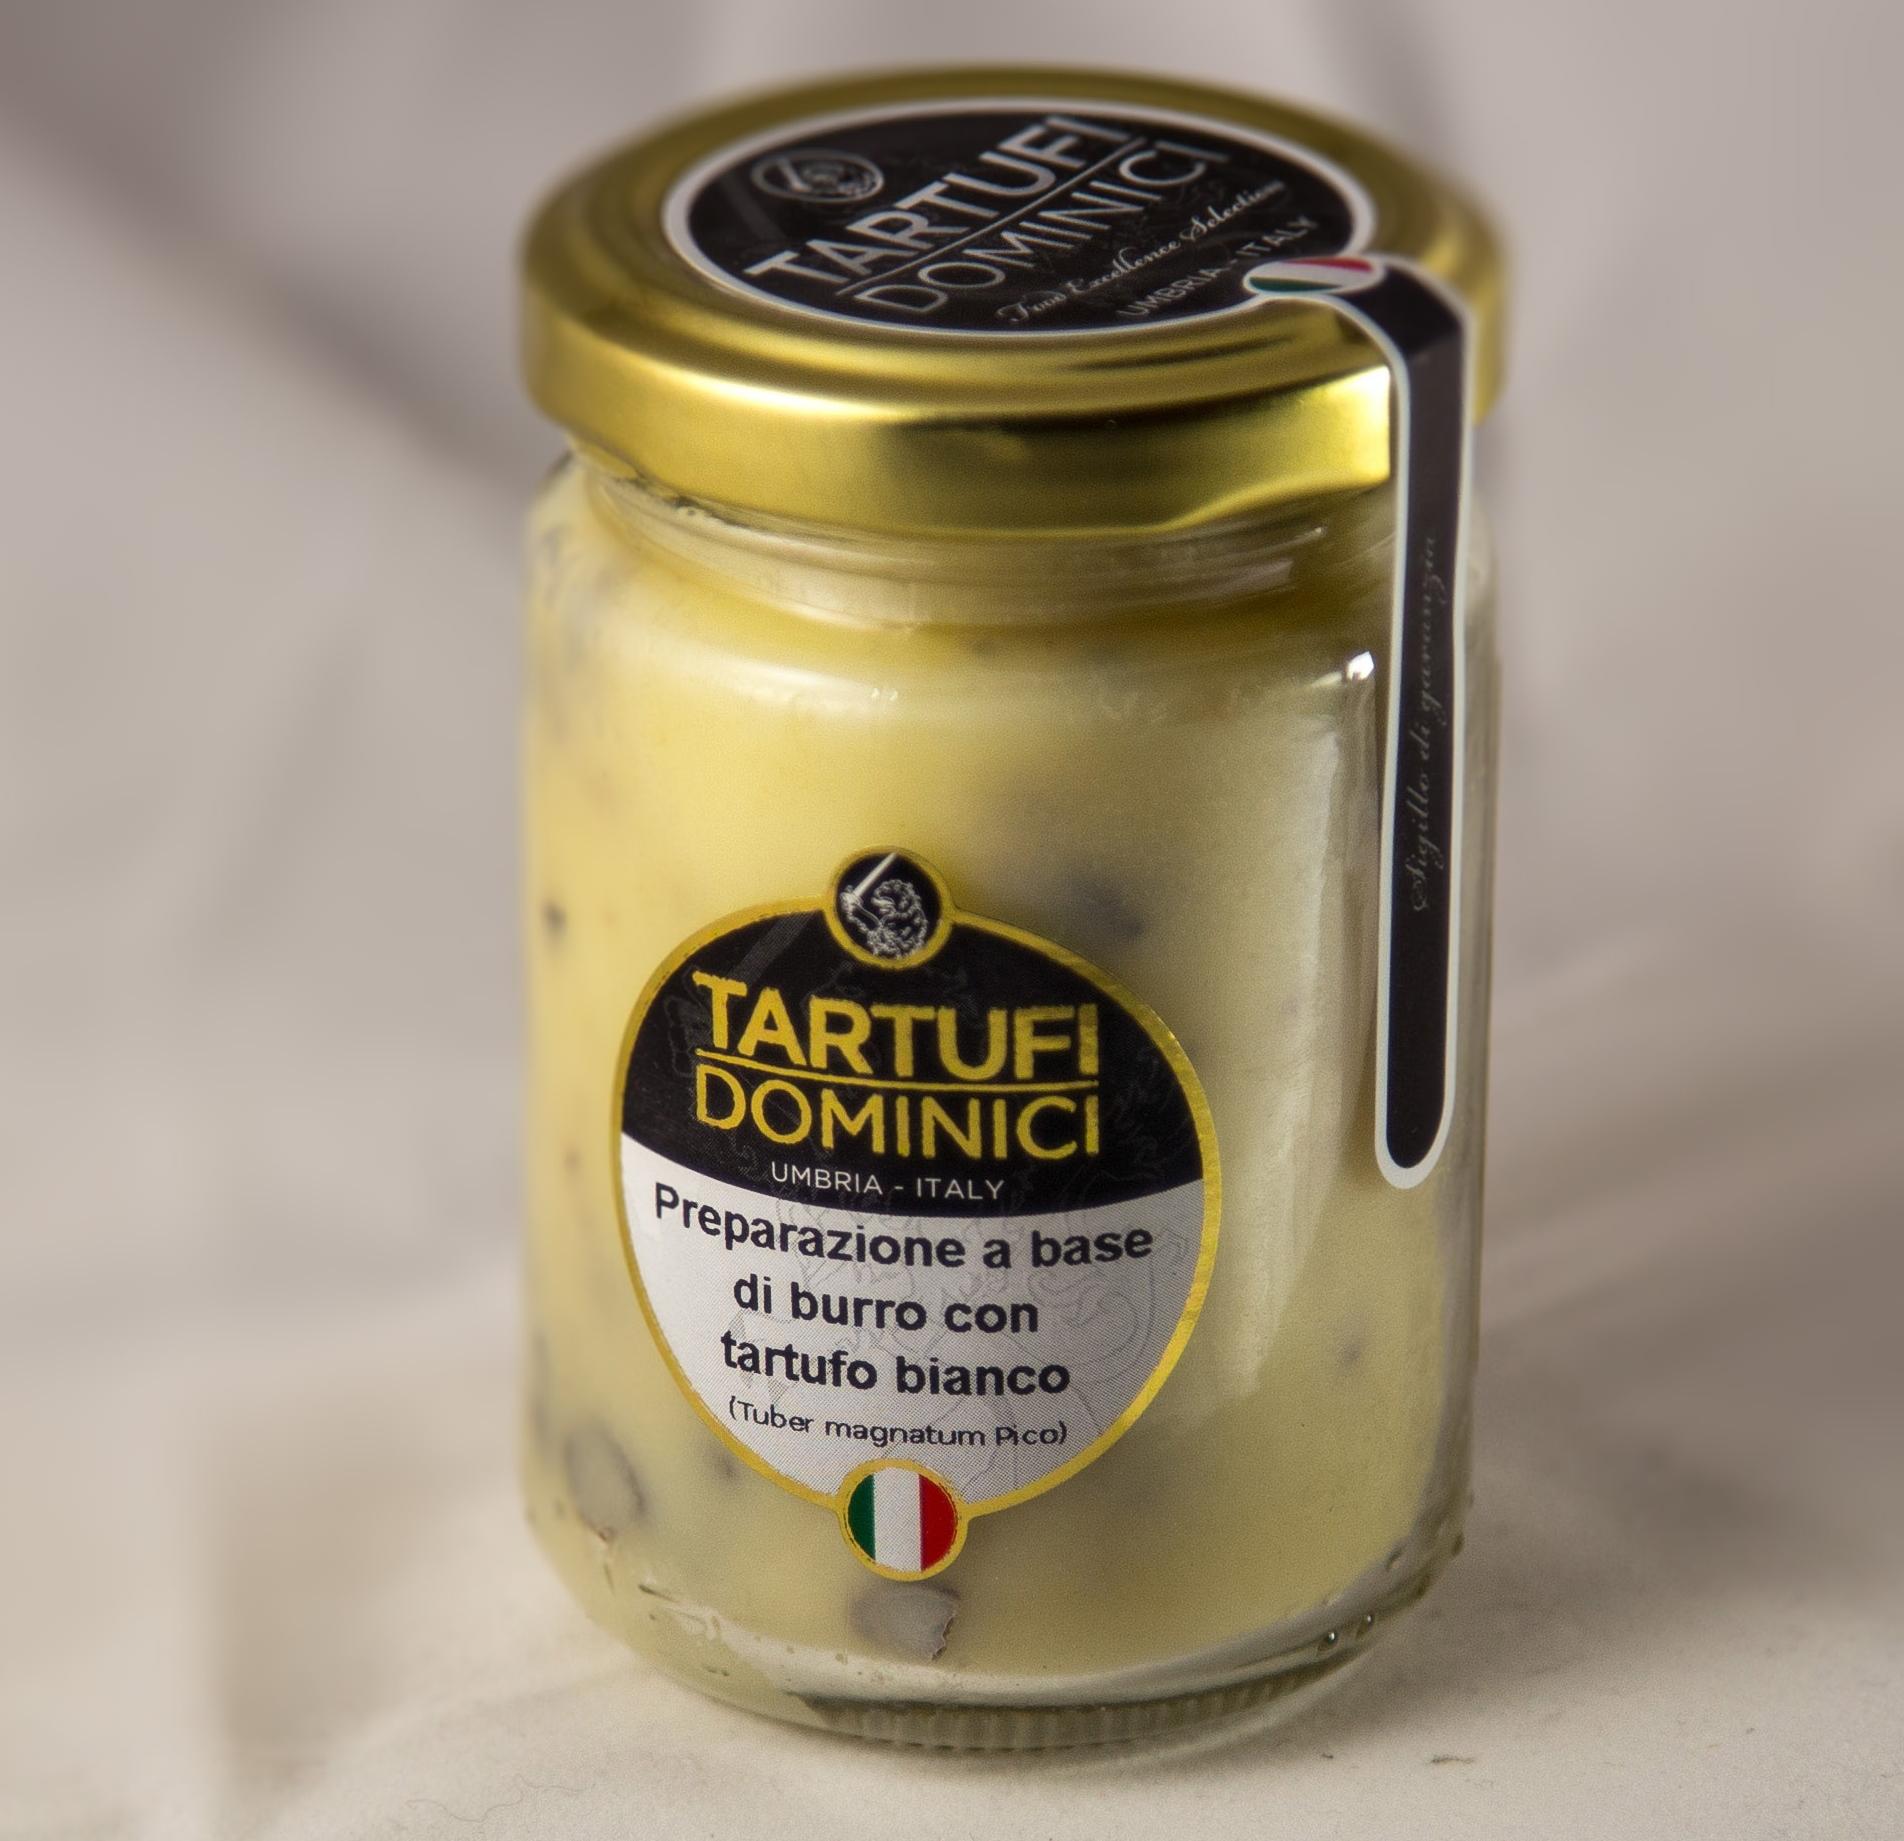 Pr�paration � base de beurre � la truffe blanche - Tartufi Dominici